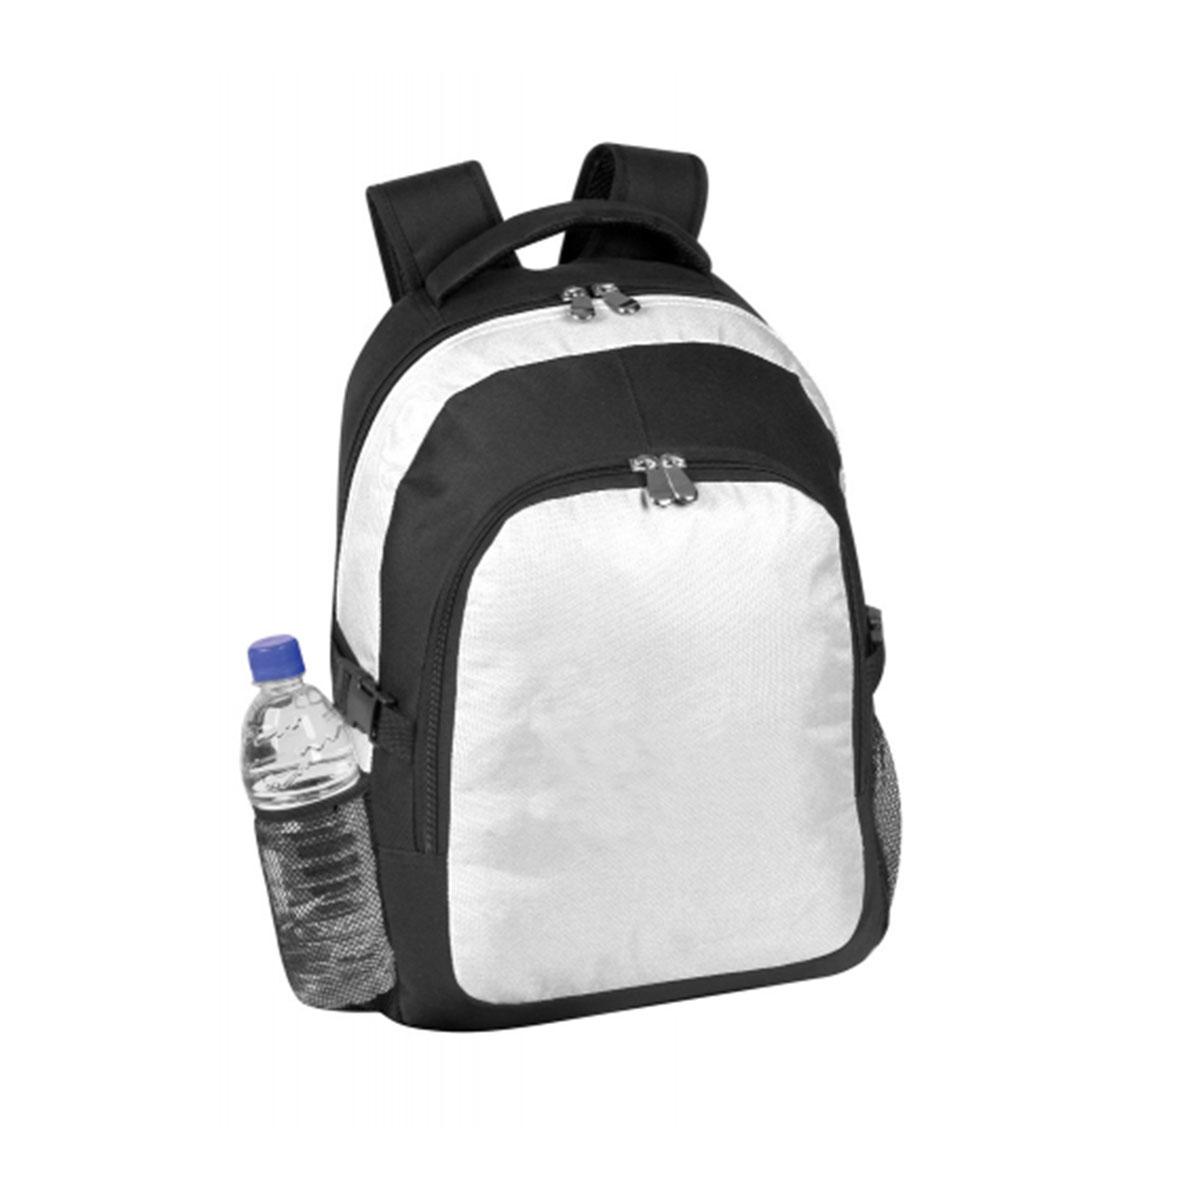 Backpack-White / Black